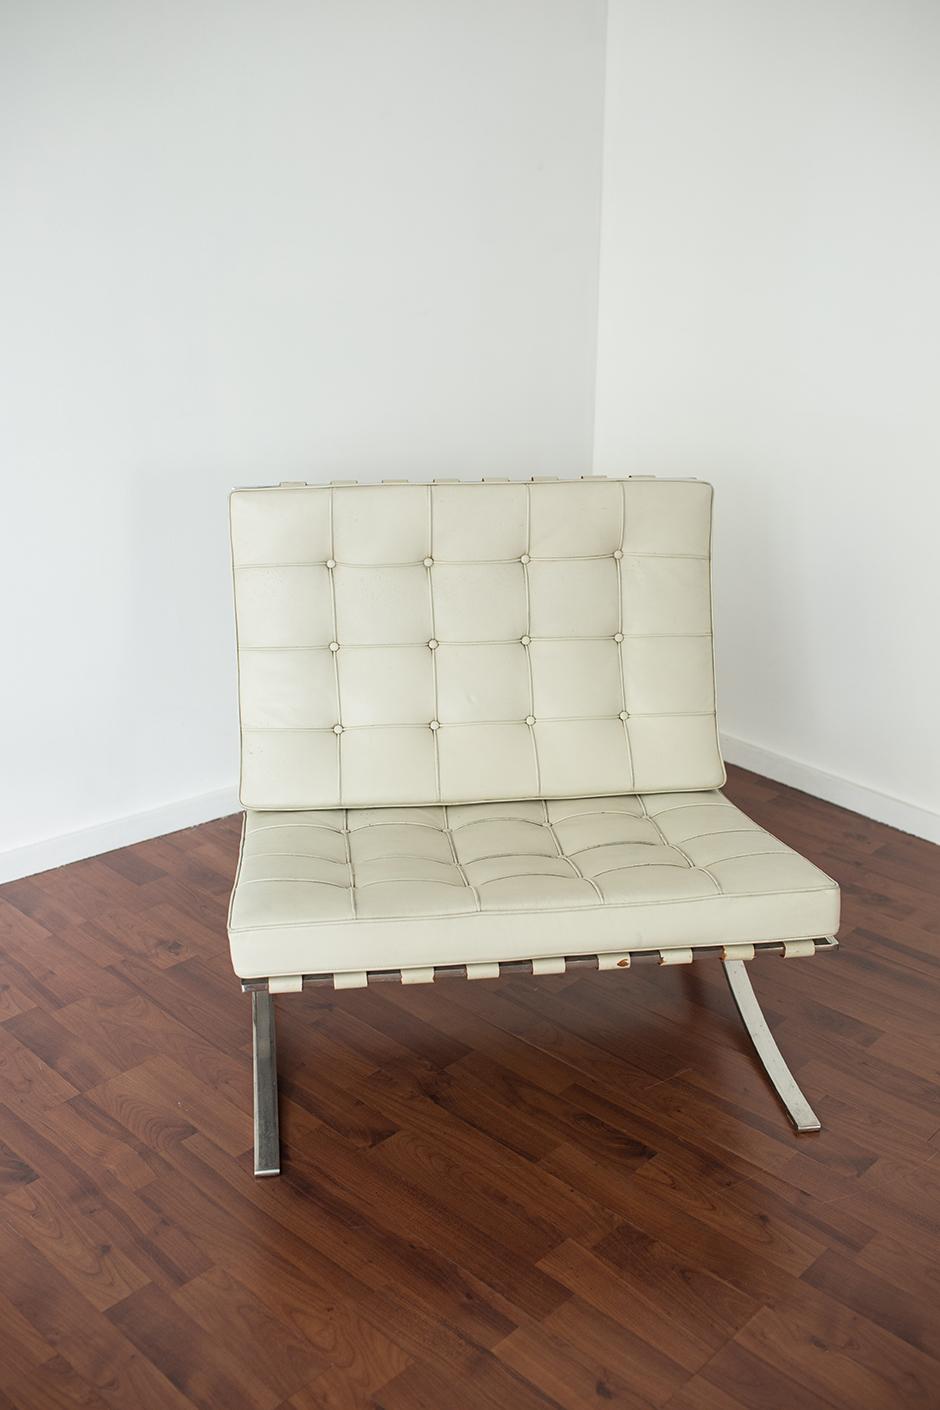 chauffeuse capitonne pouf x cm capitonne taupe full size of meilleur mobilier et ameublement. Black Bedroom Furniture Sets. Home Design Ideas